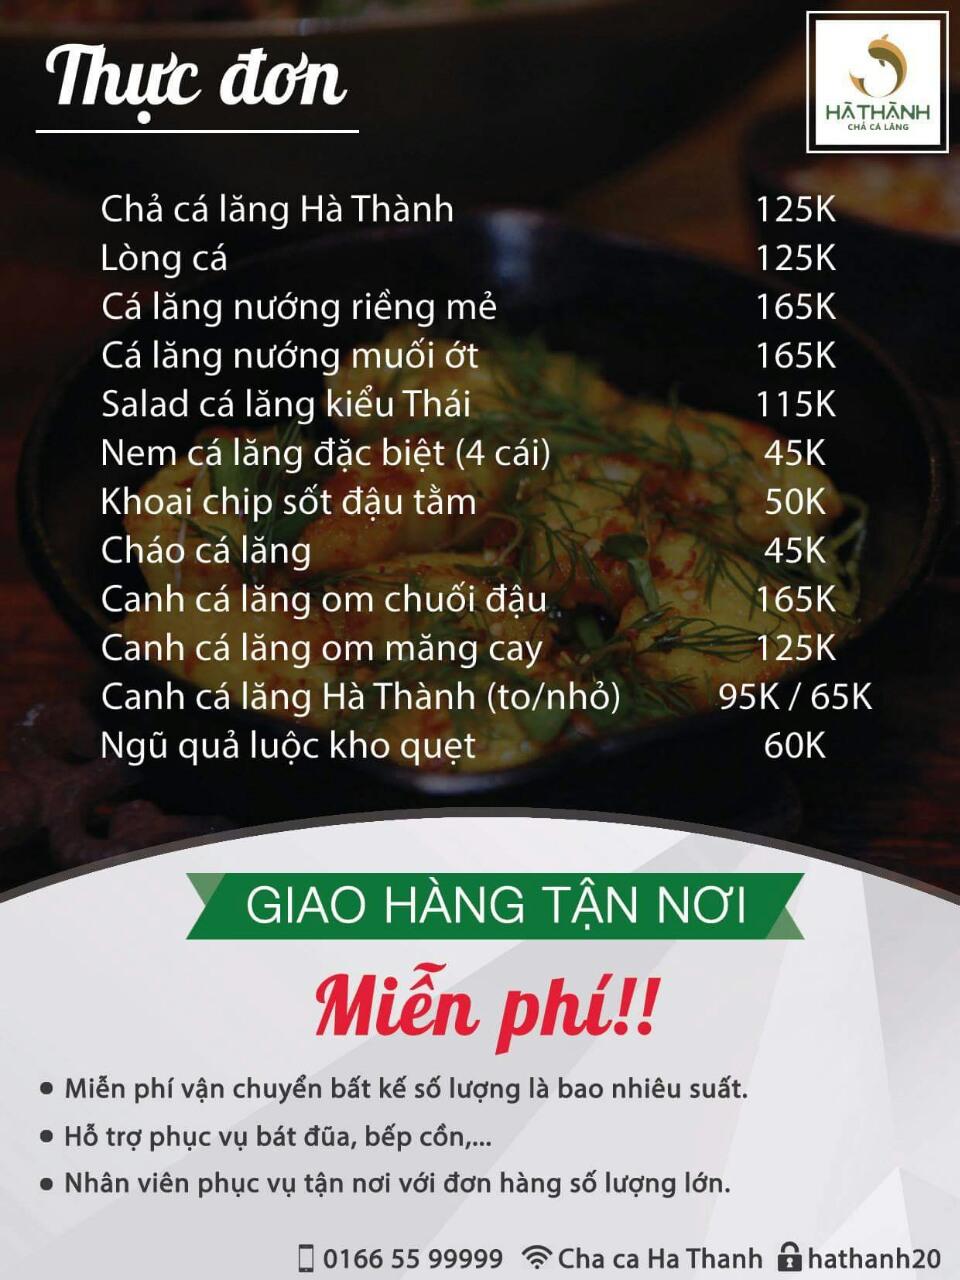 6 điều ở nhà hàng Chả cá Hà Thành khiến bạn không-đi-không-được - Ảnh 6.